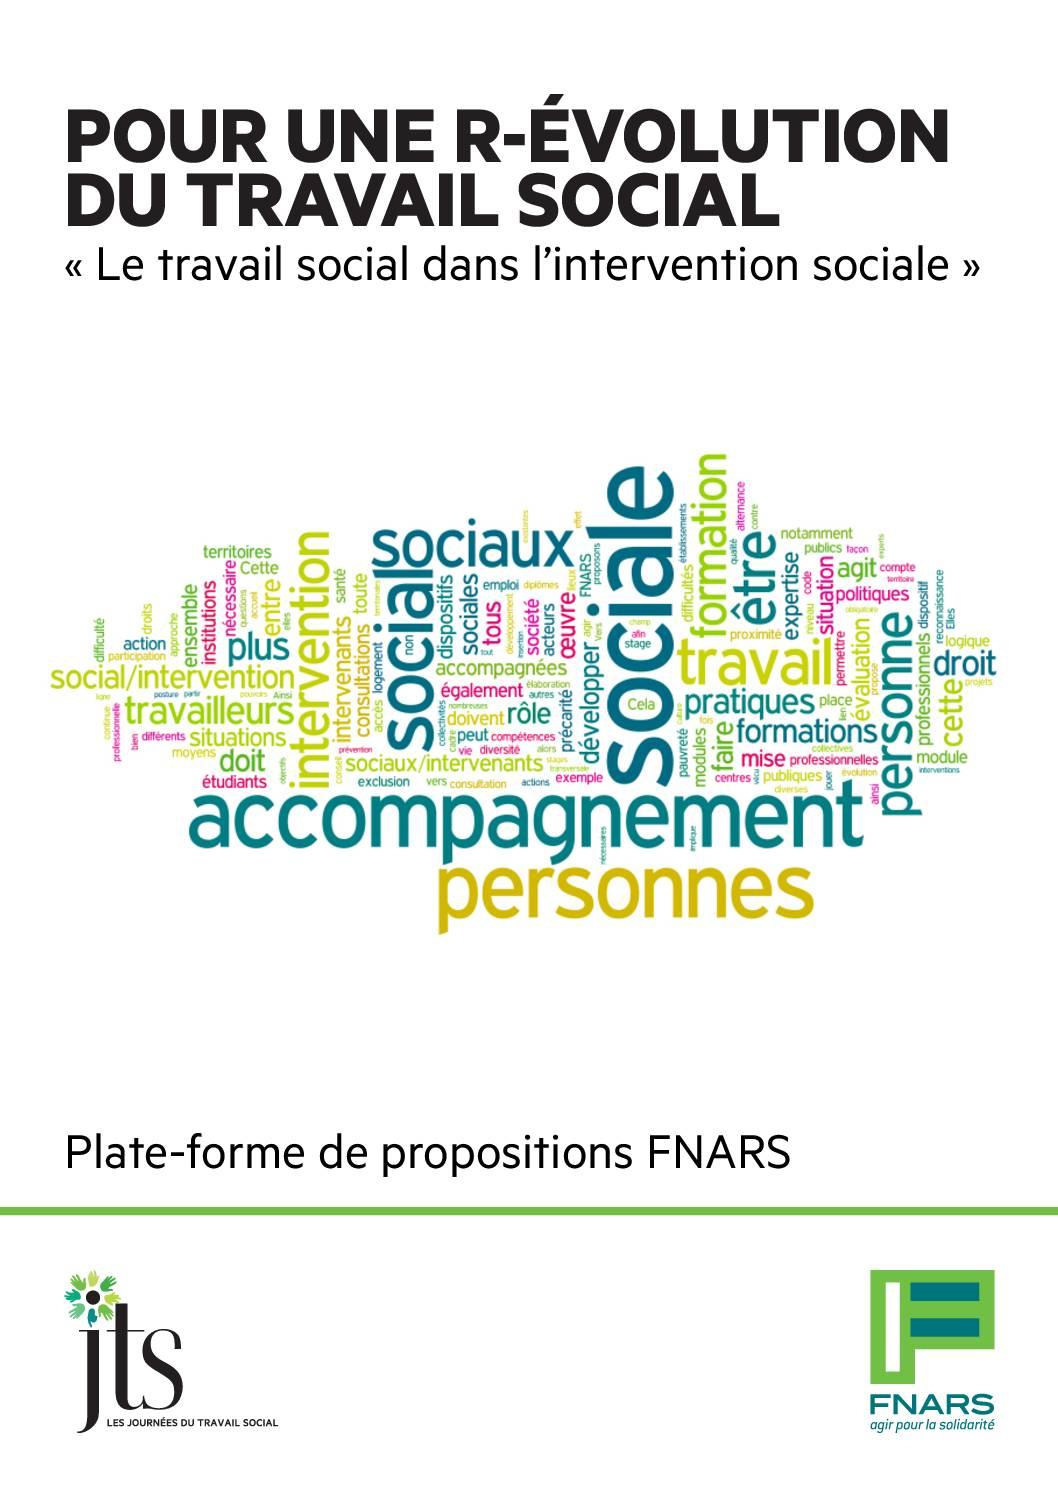 Journées du travail social, les actes et la plateforme de propositions